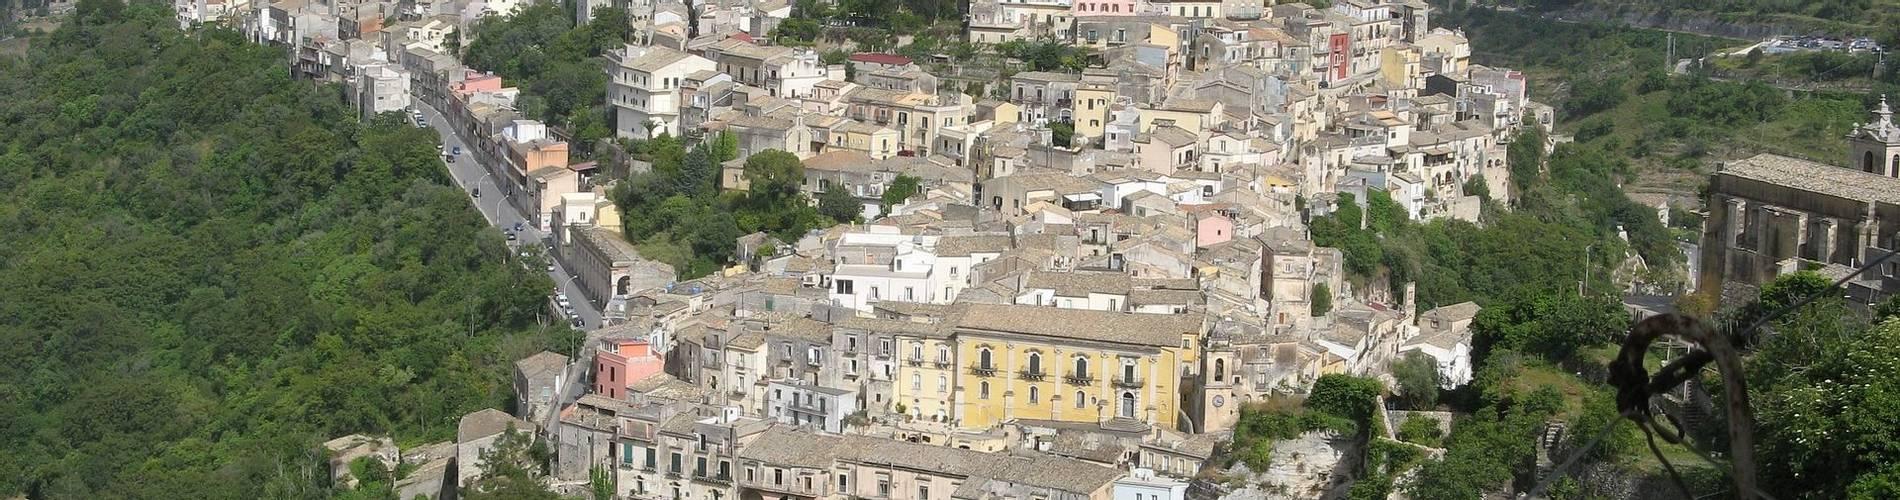 ragusa-876037_1920.jpg